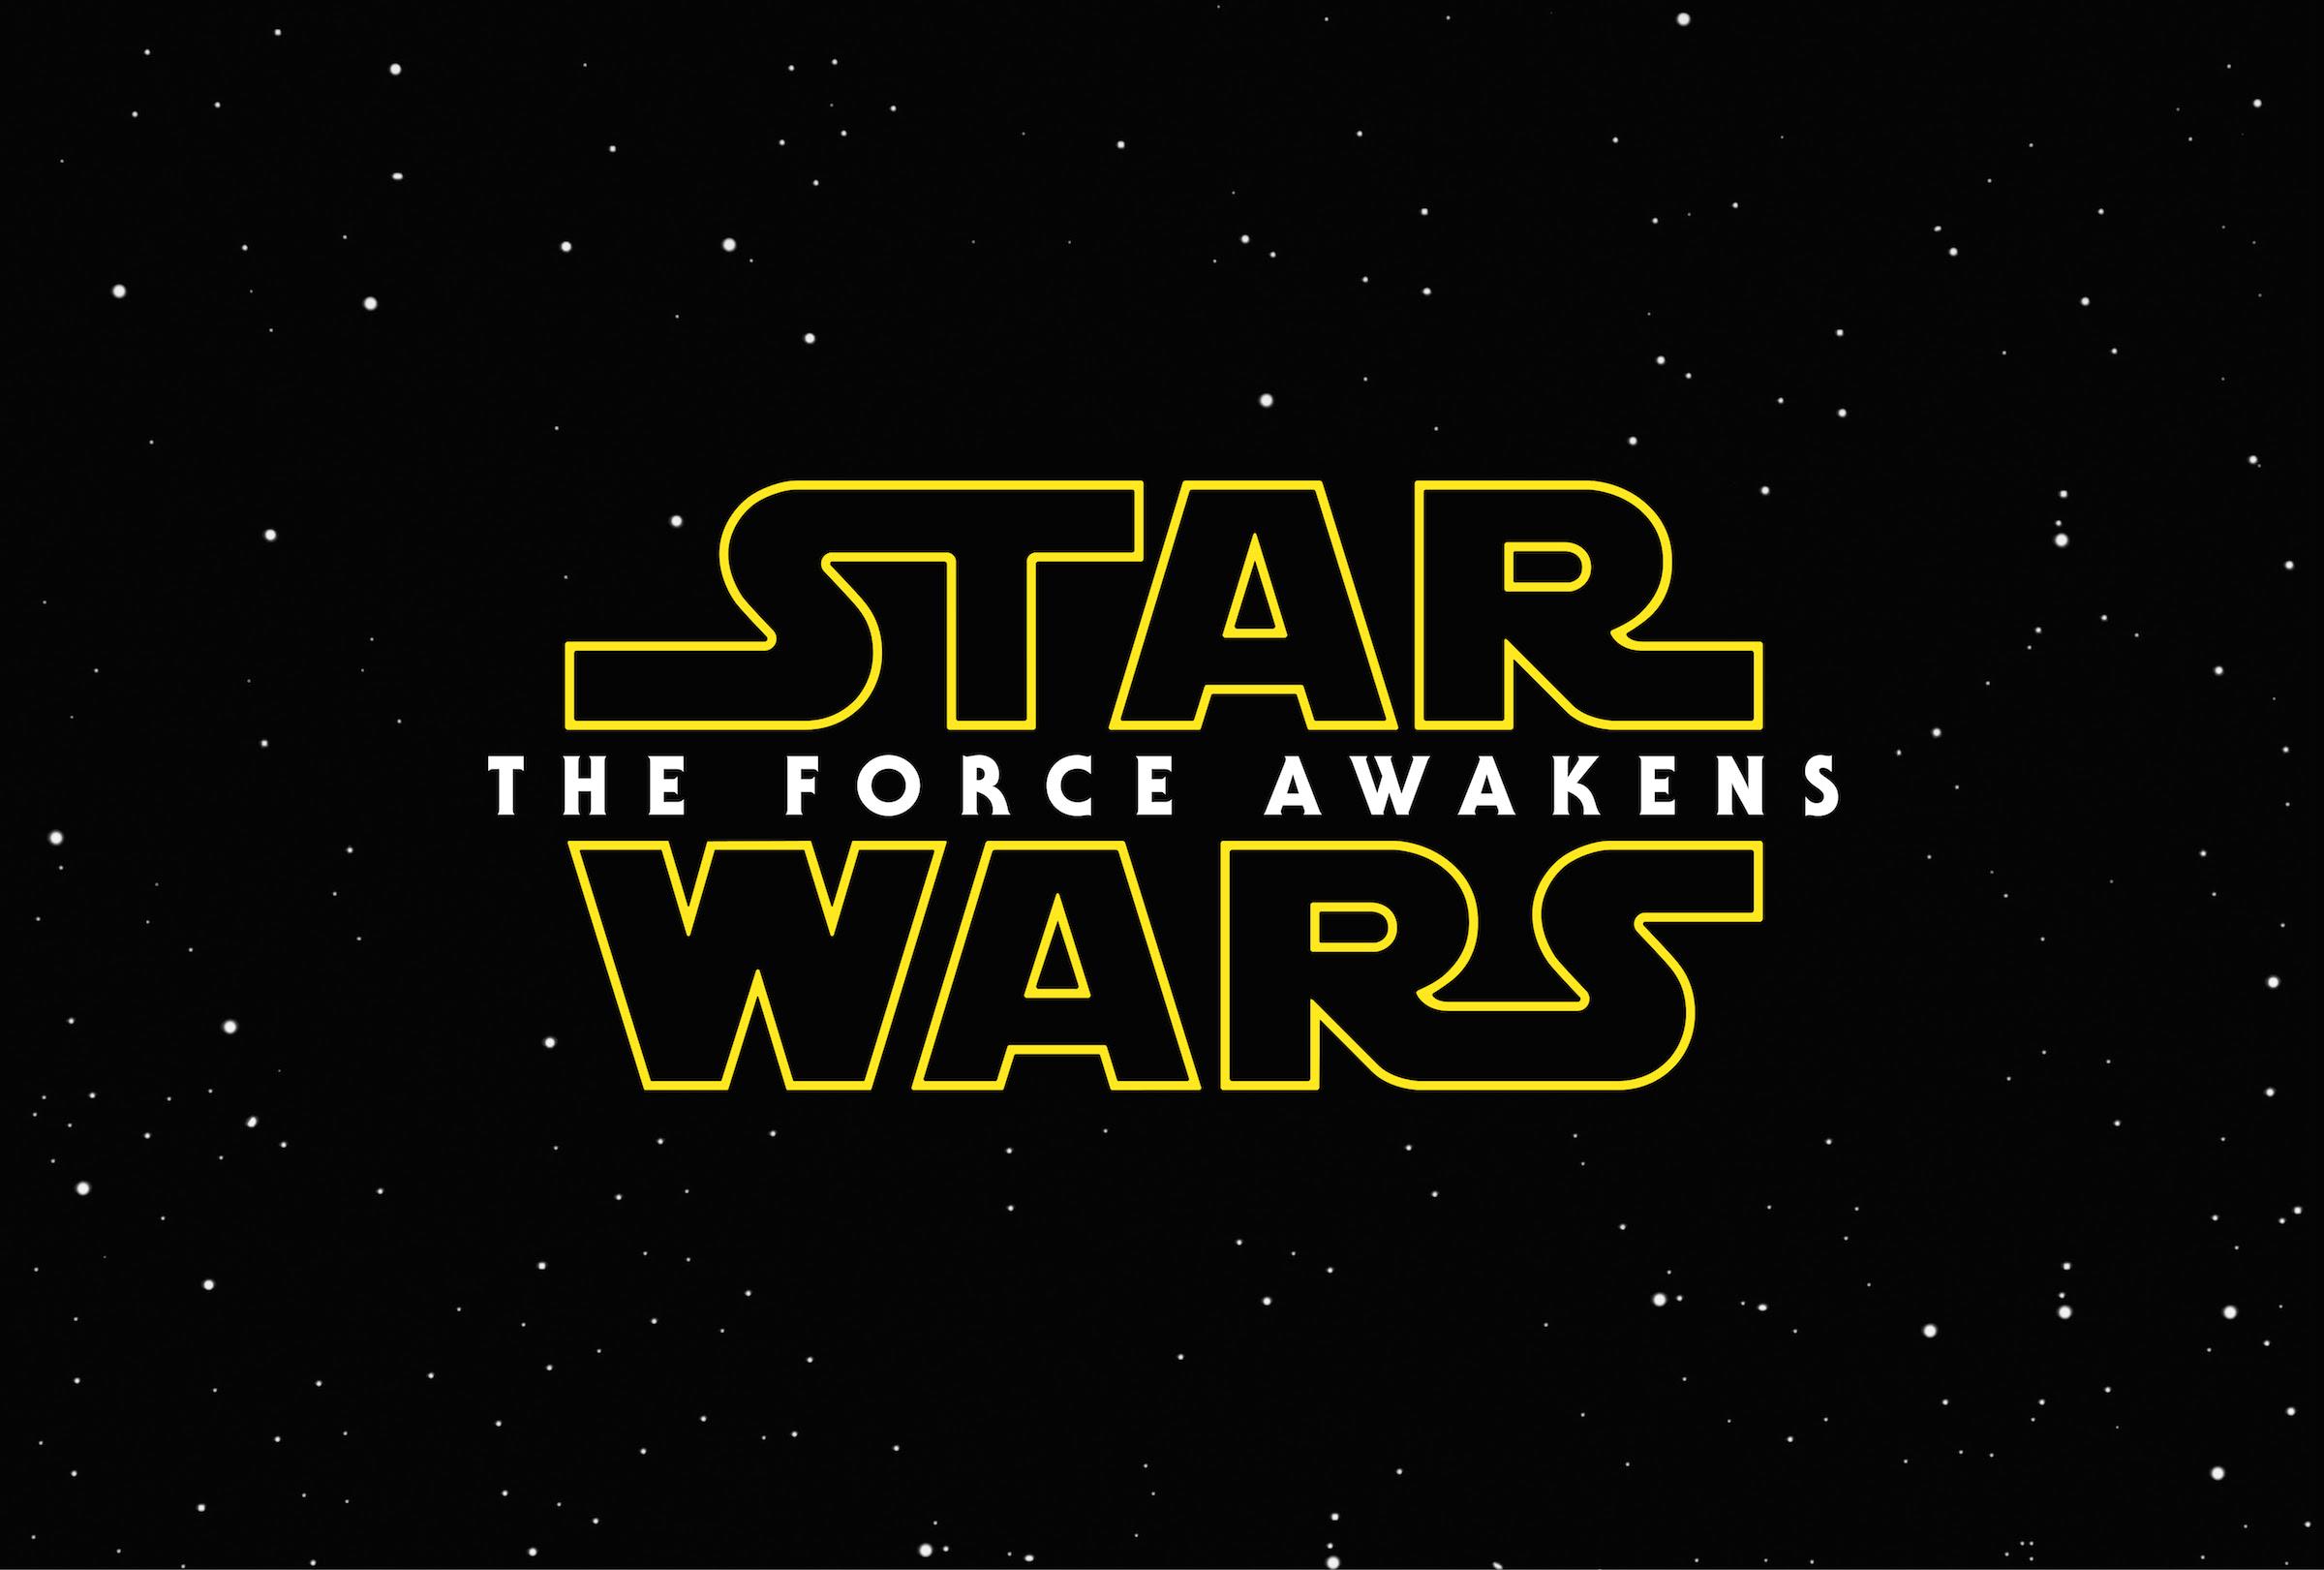 star wars episode 7, star wars movie, star wars download, star wars episode vii hd, star wars hd